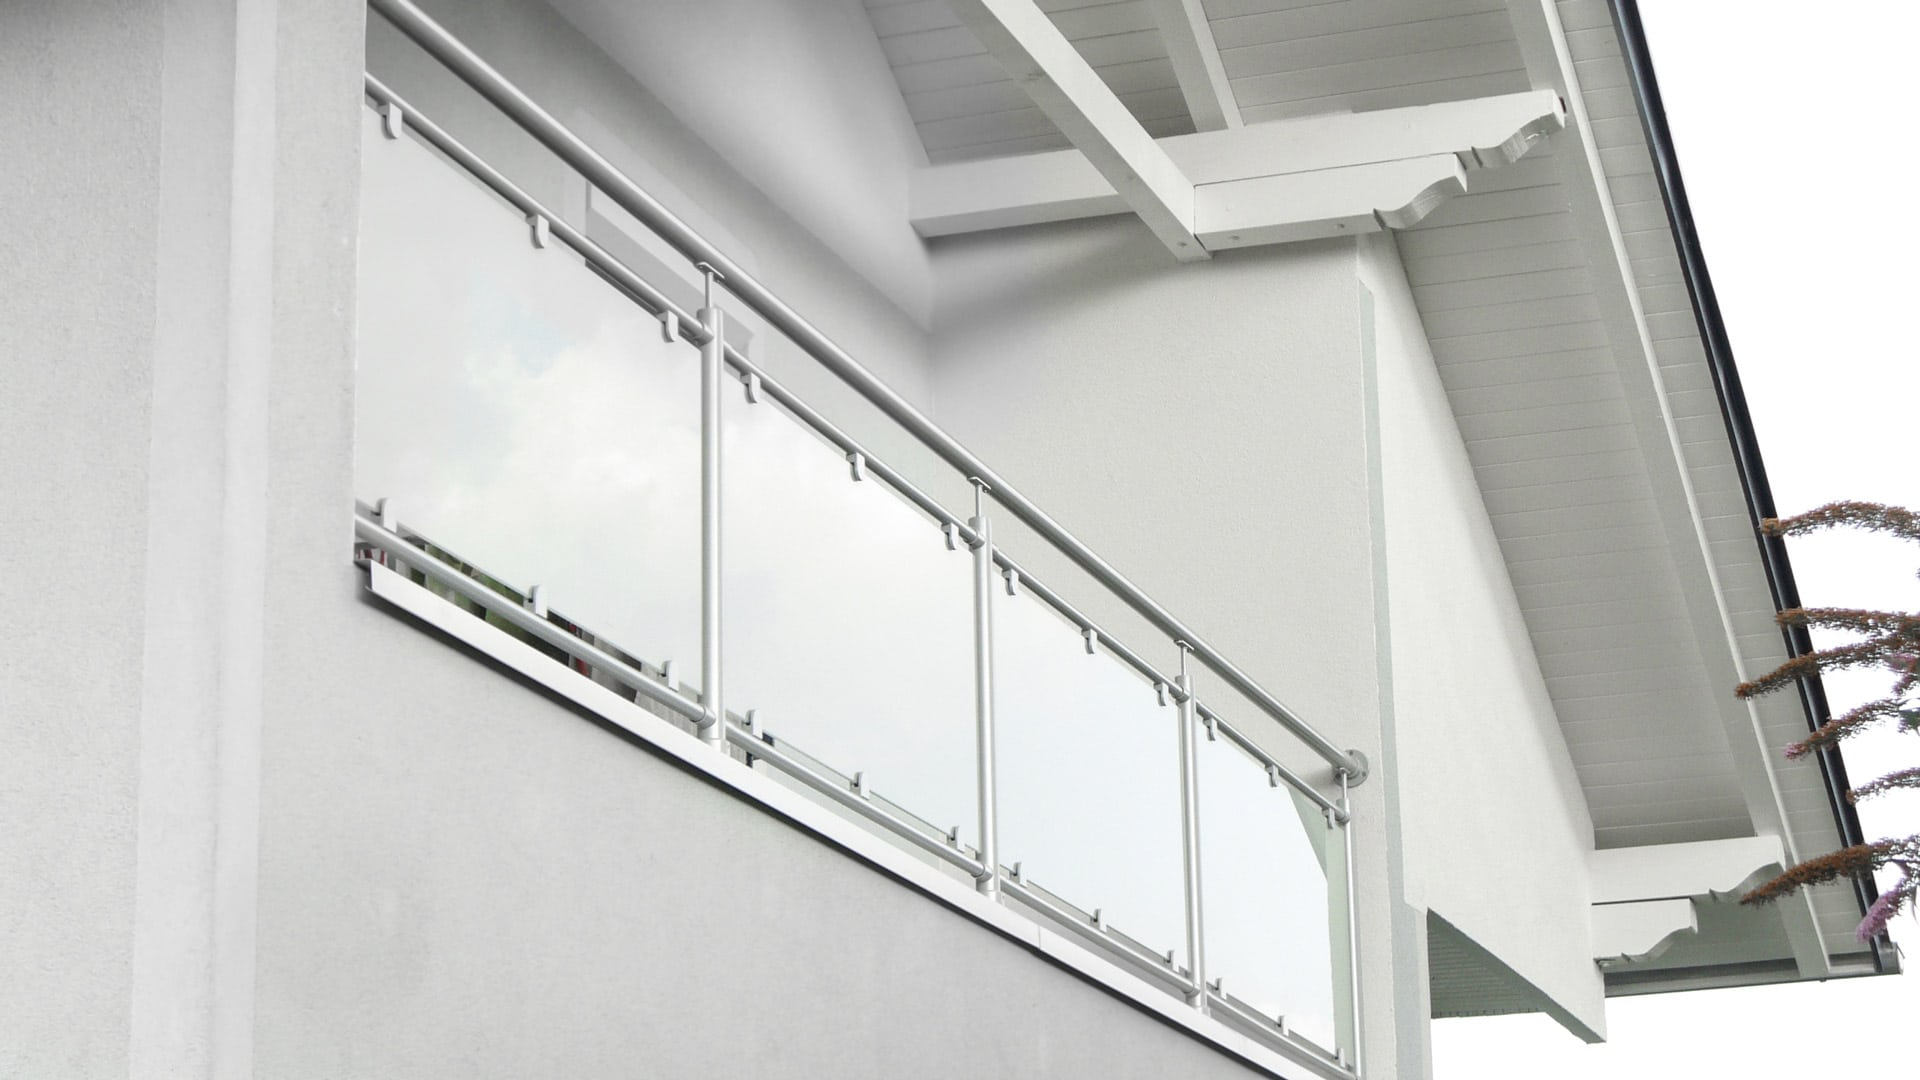 Schwechat 06   Aluminiumbalkon mit Mattglas, Steher und Handlauf aus runden Alurohren grau   Svoboda